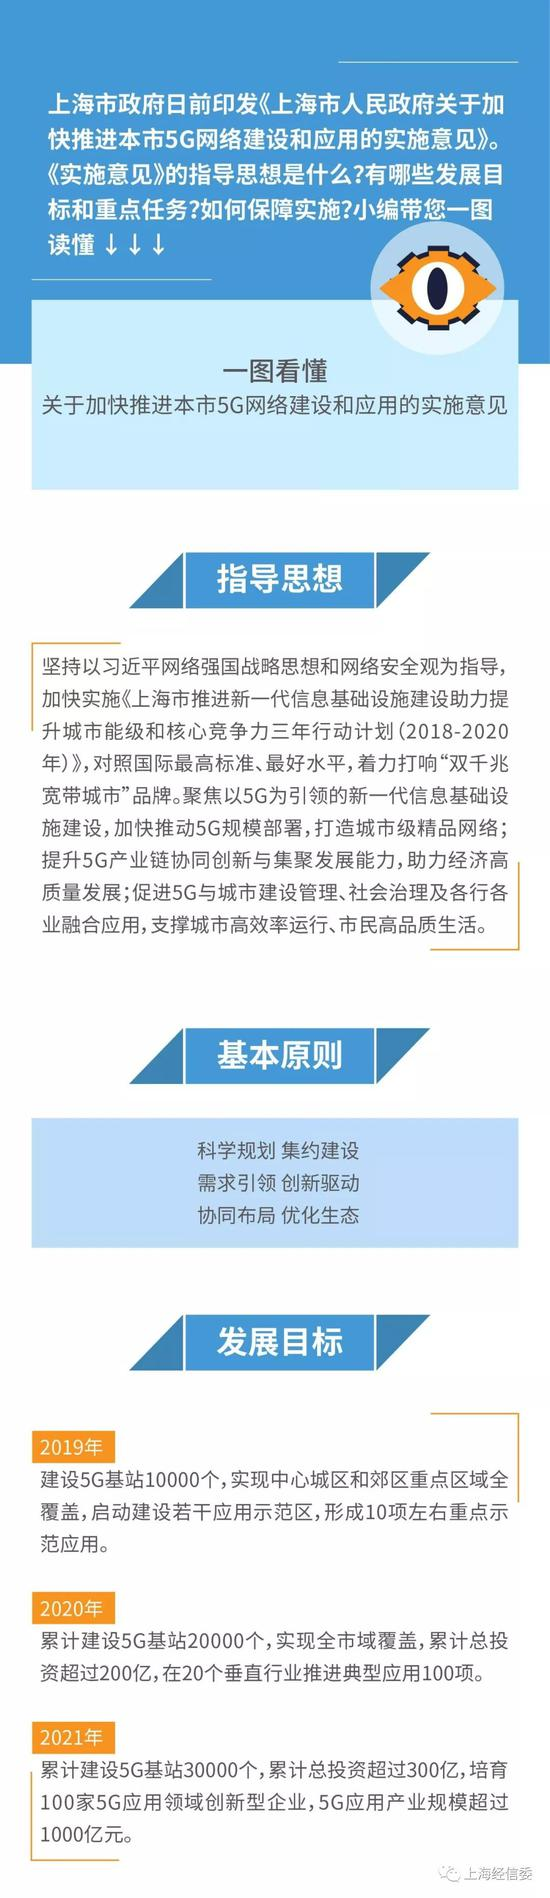 """上海加快推进5G网络建设 推动""""5G+4K/8K+AI""""应用示范"""